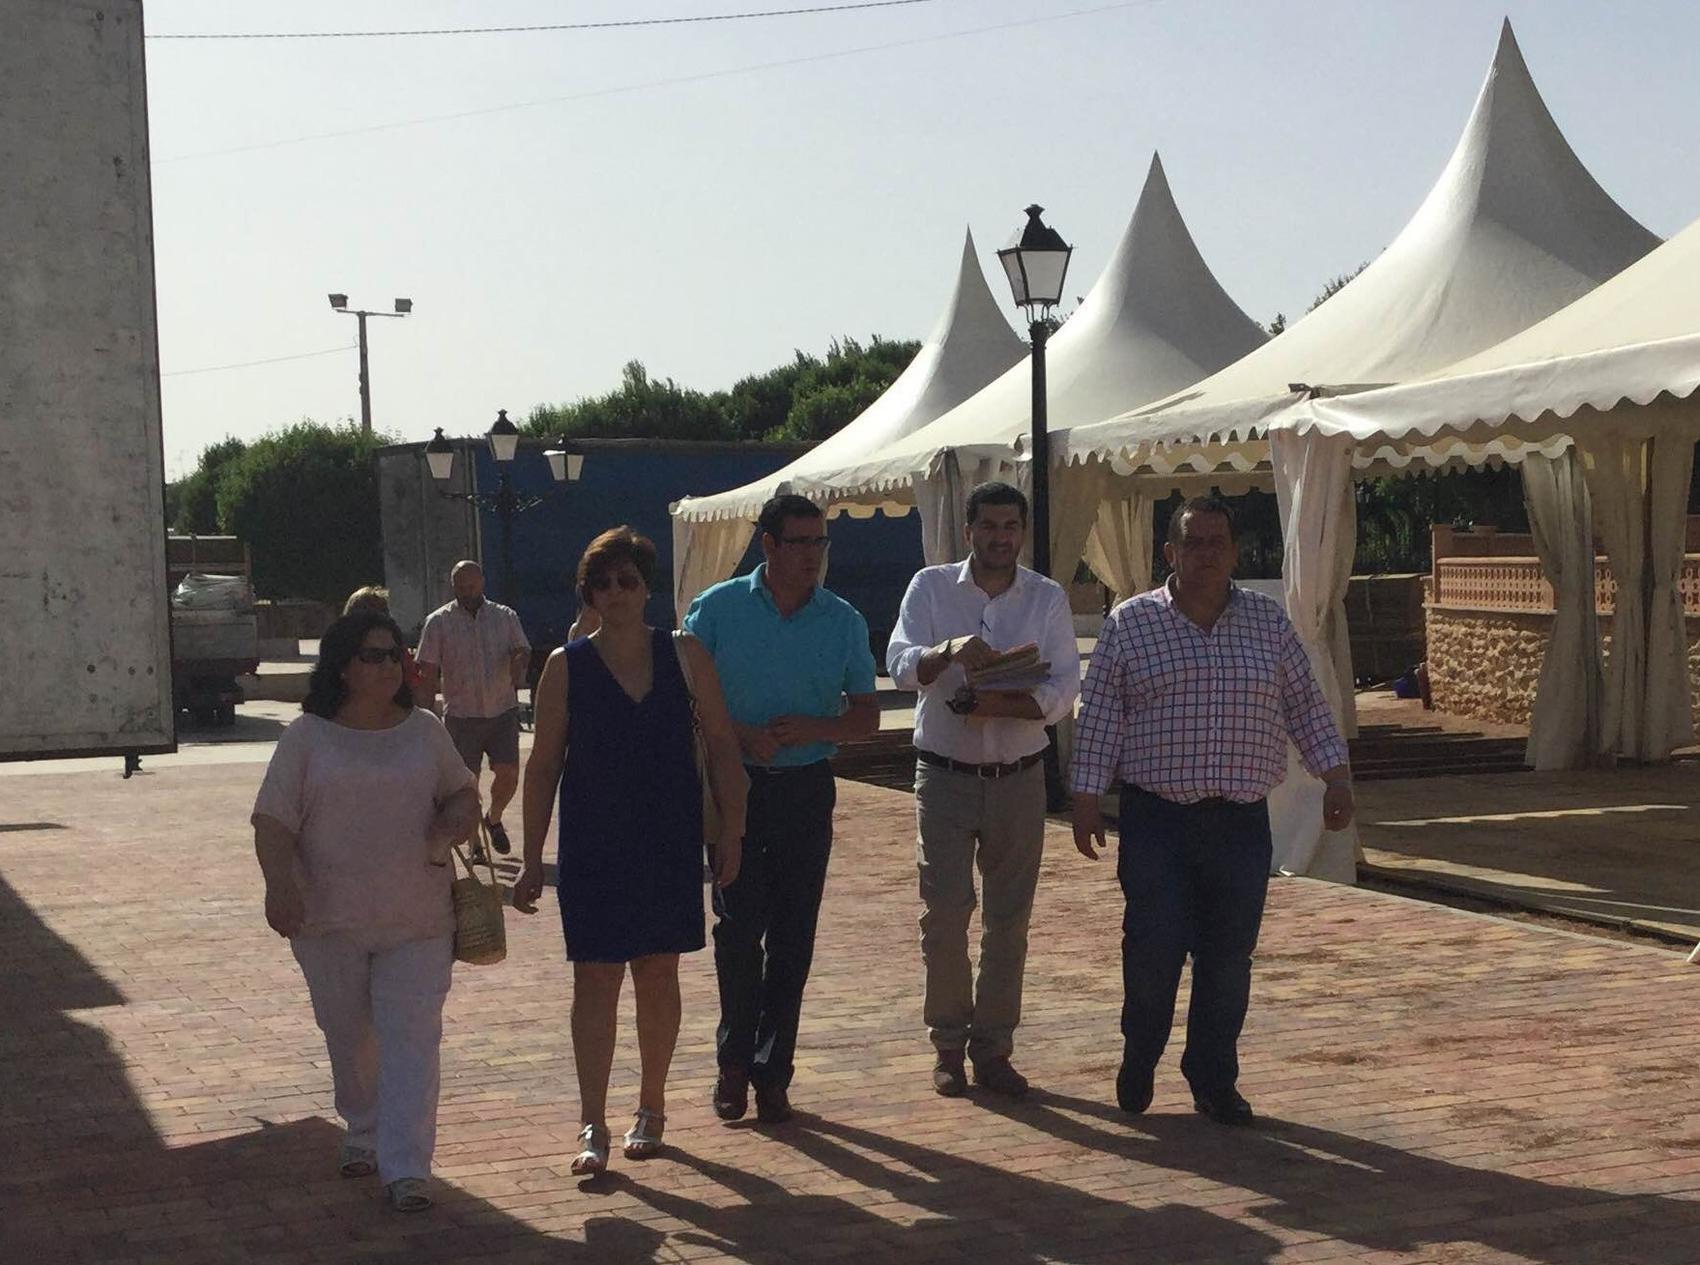 La Diputación financia este año obras en Membrilla con una inversión de 141.500 euros